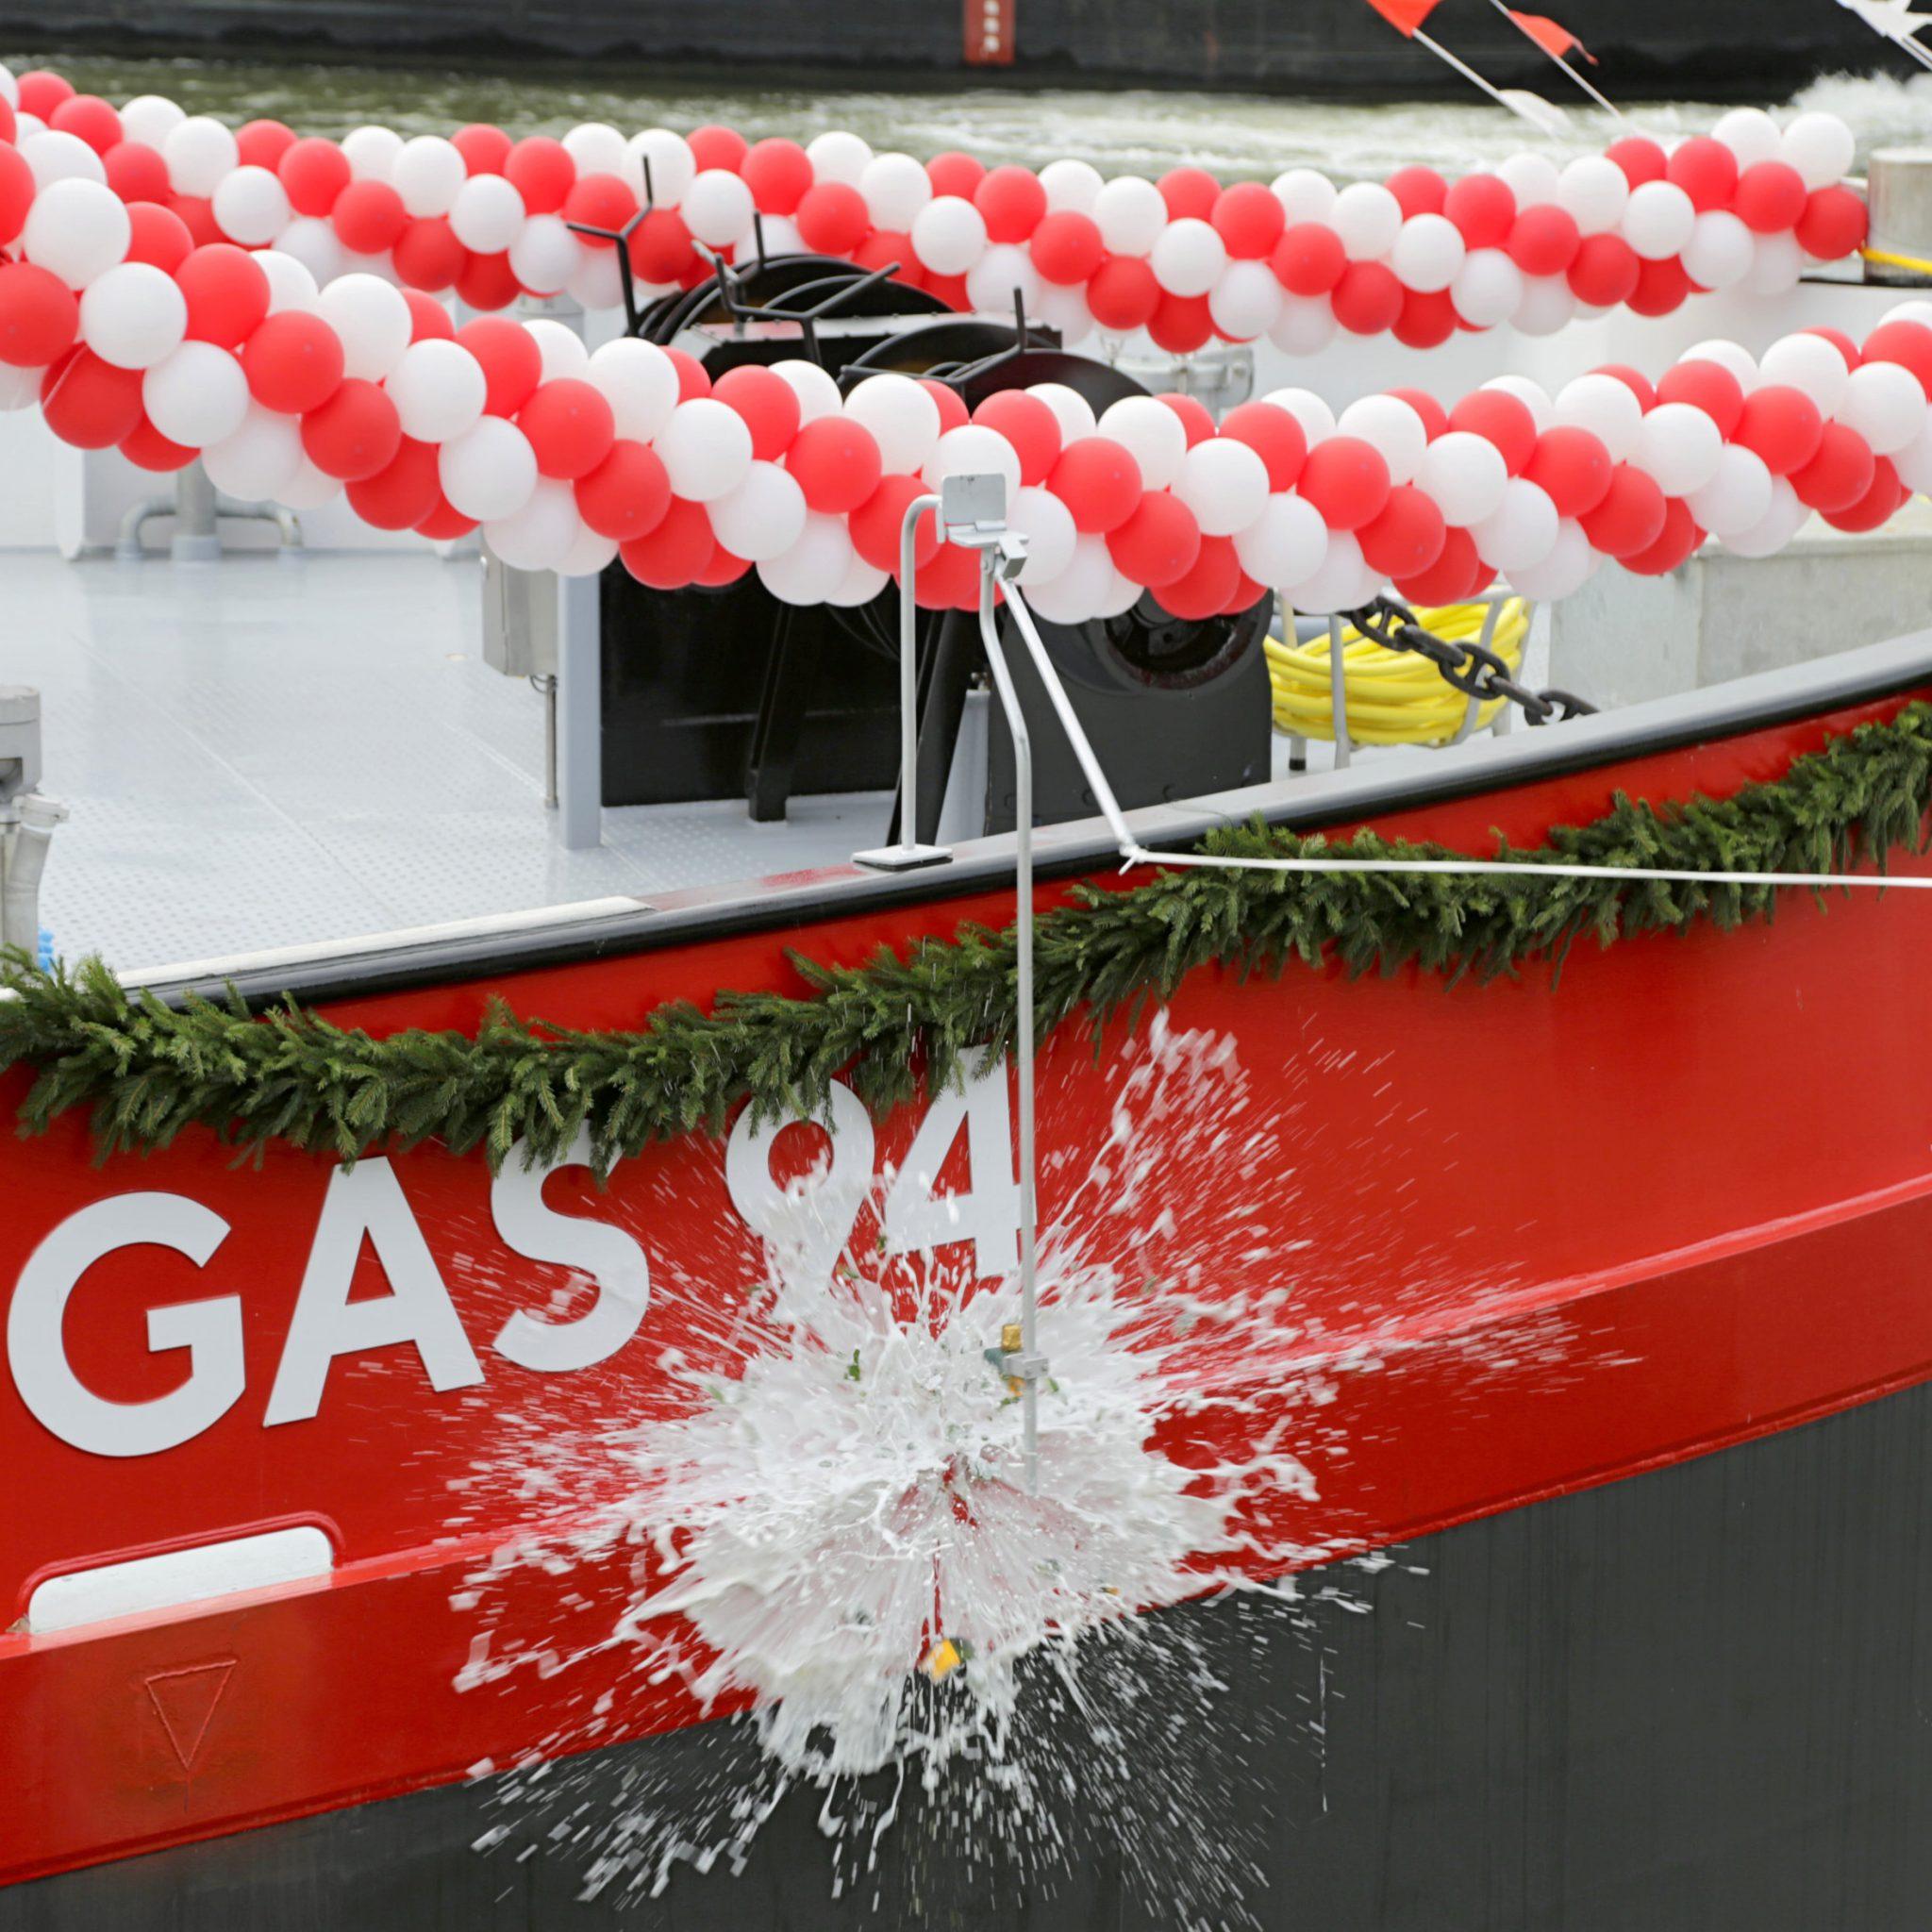 De Gas 94 werd gedoopt door Derya Kurus-Ebermann van BASF. (HGK Shipping)